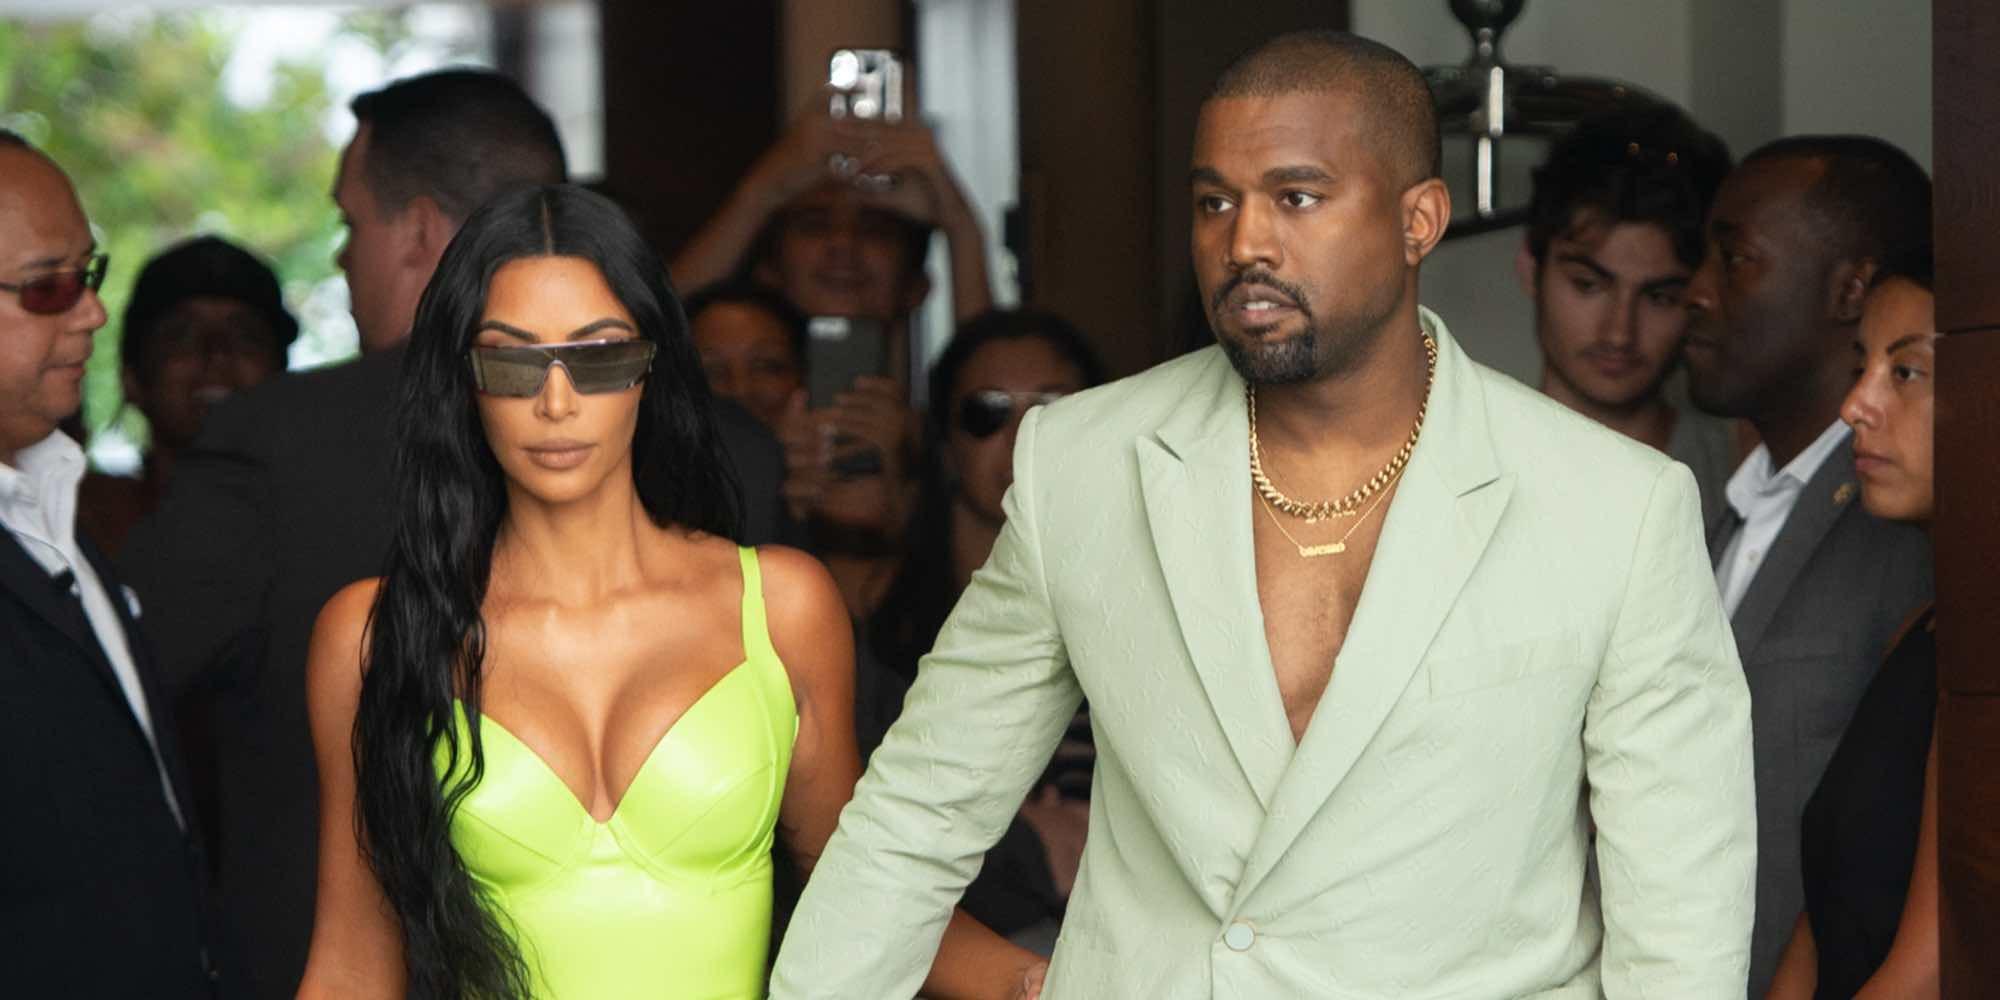 Los problemas de Kim Kardashian para bajar del coche con su ajustadísimo vestido